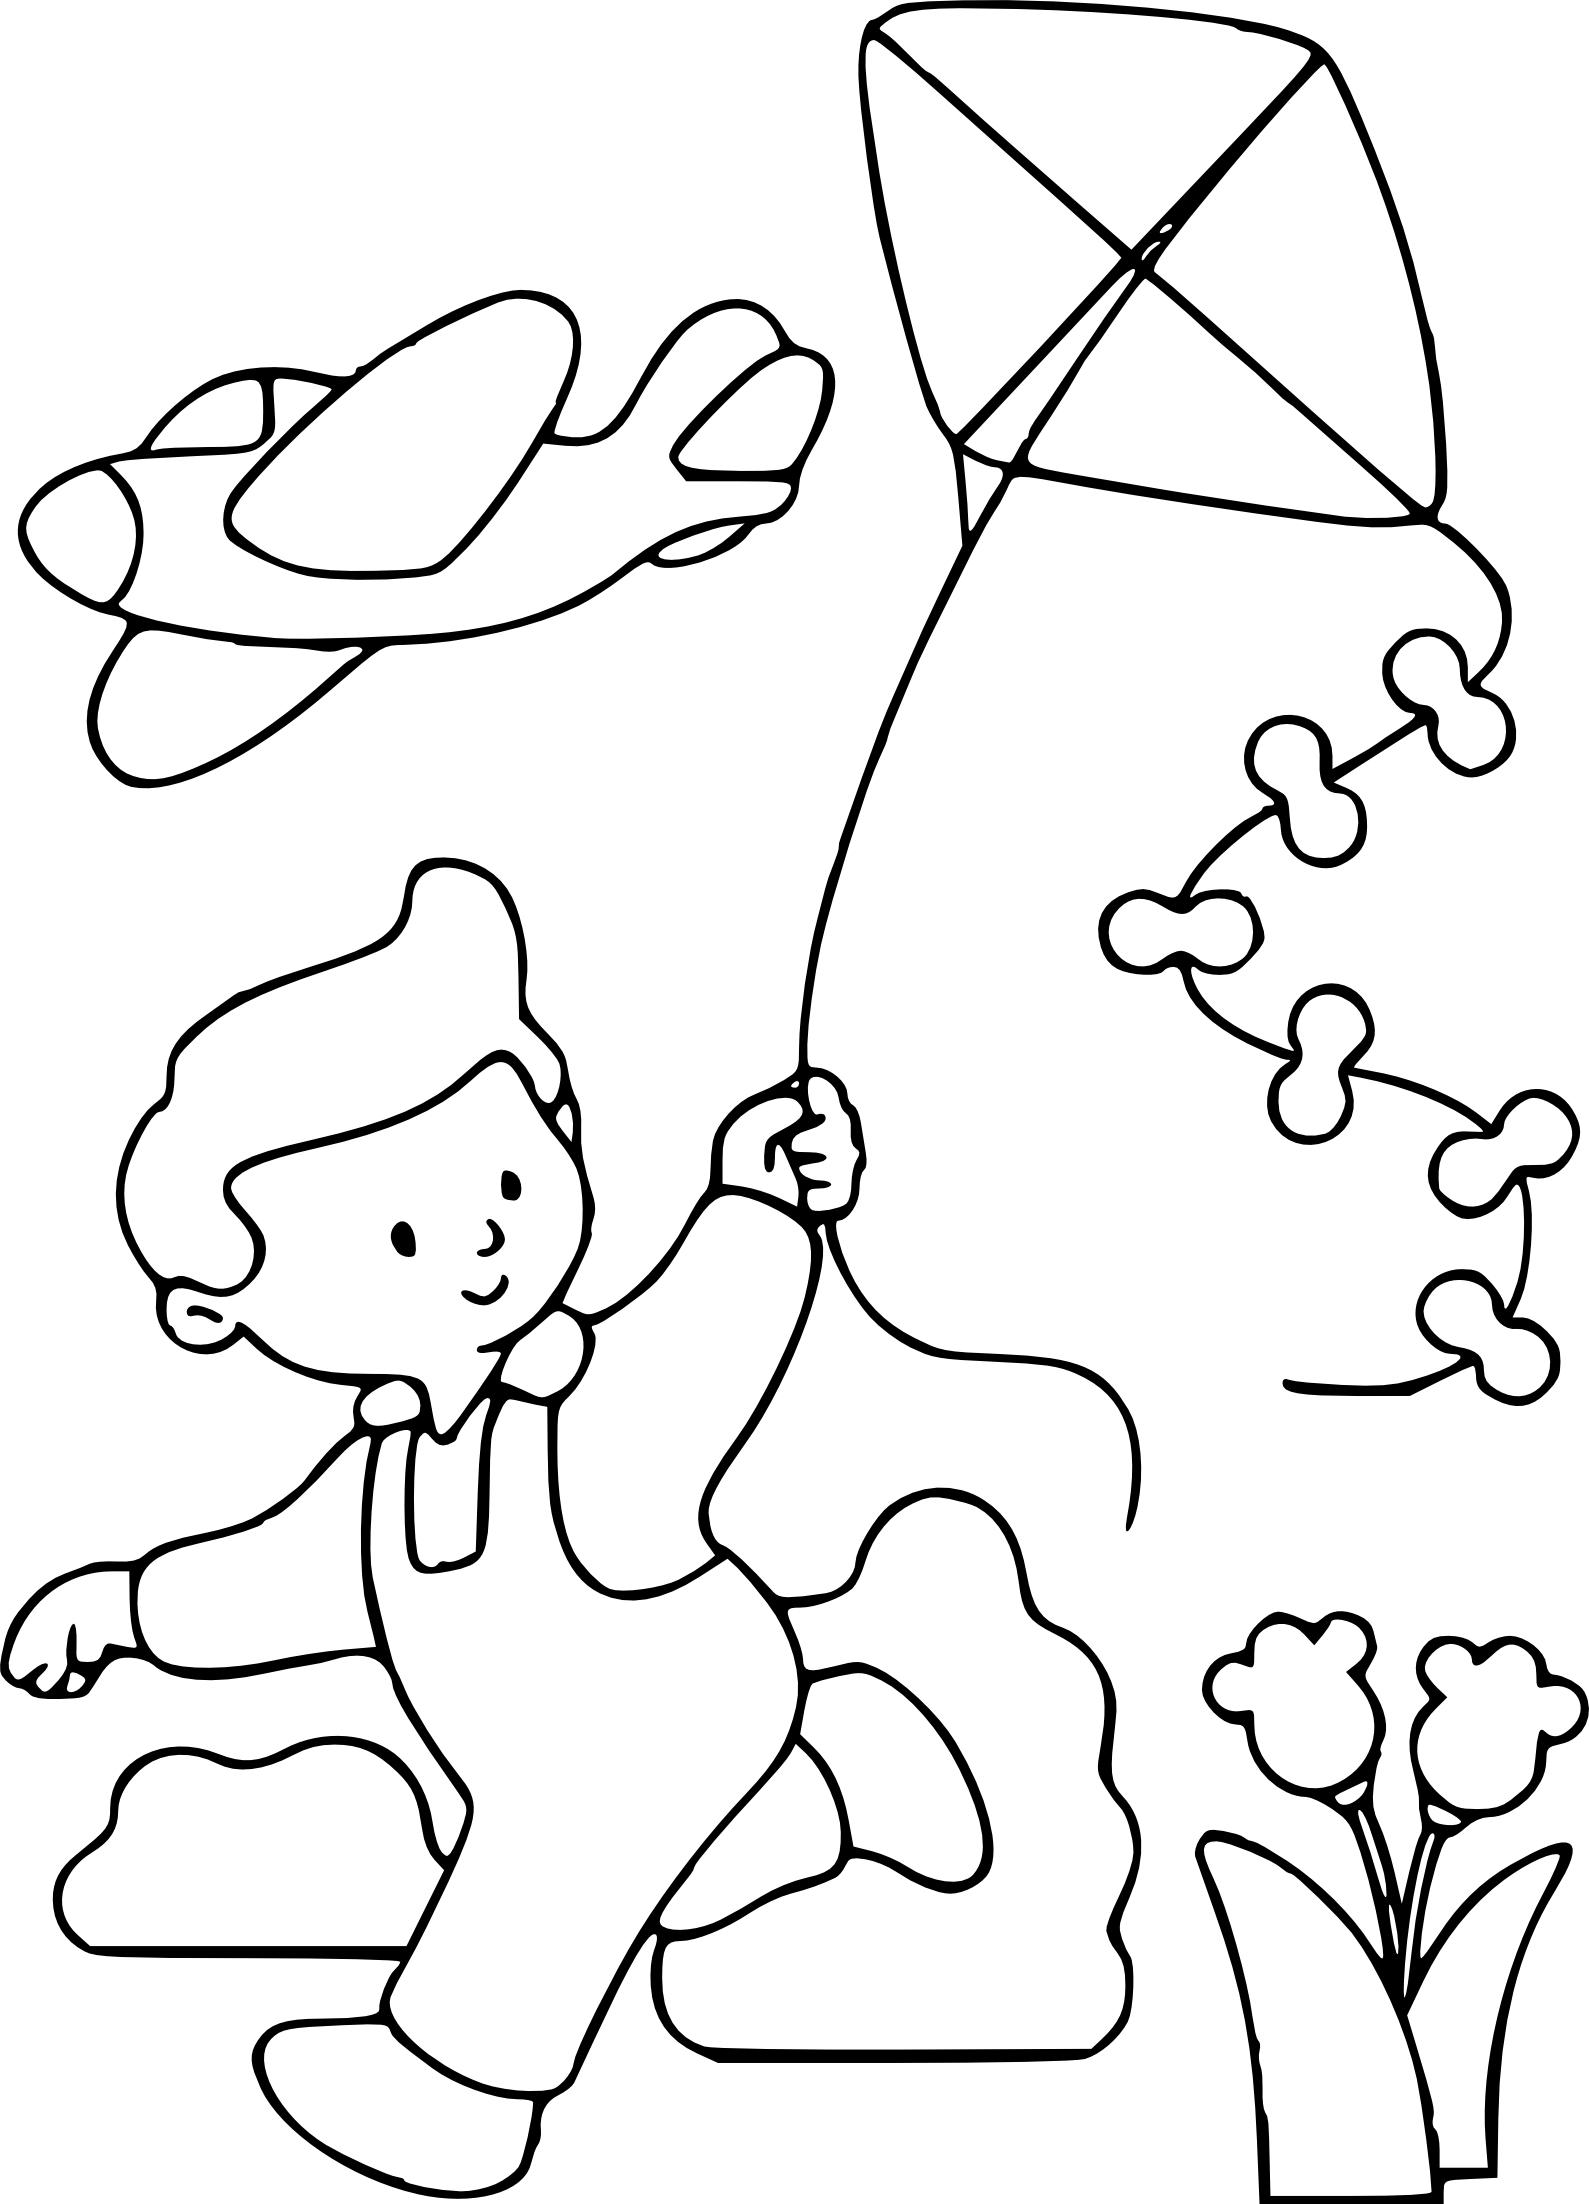 Coloriage enfant avec son cerf volant imprimer - Image dessin enfant ...